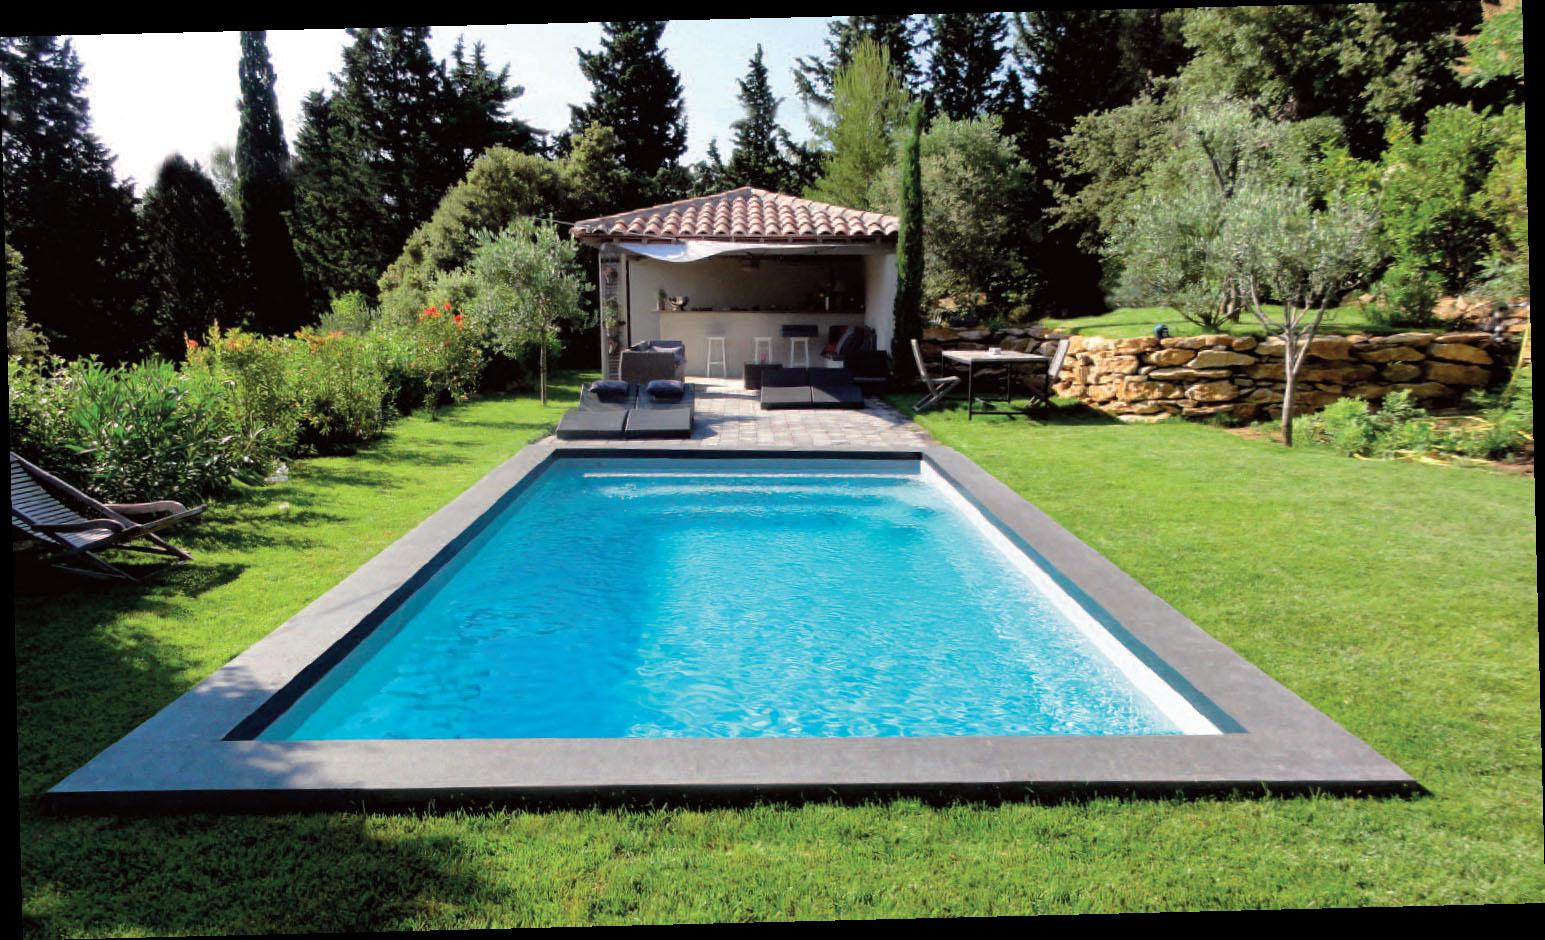 piscine coque rectangulaire la ciotat